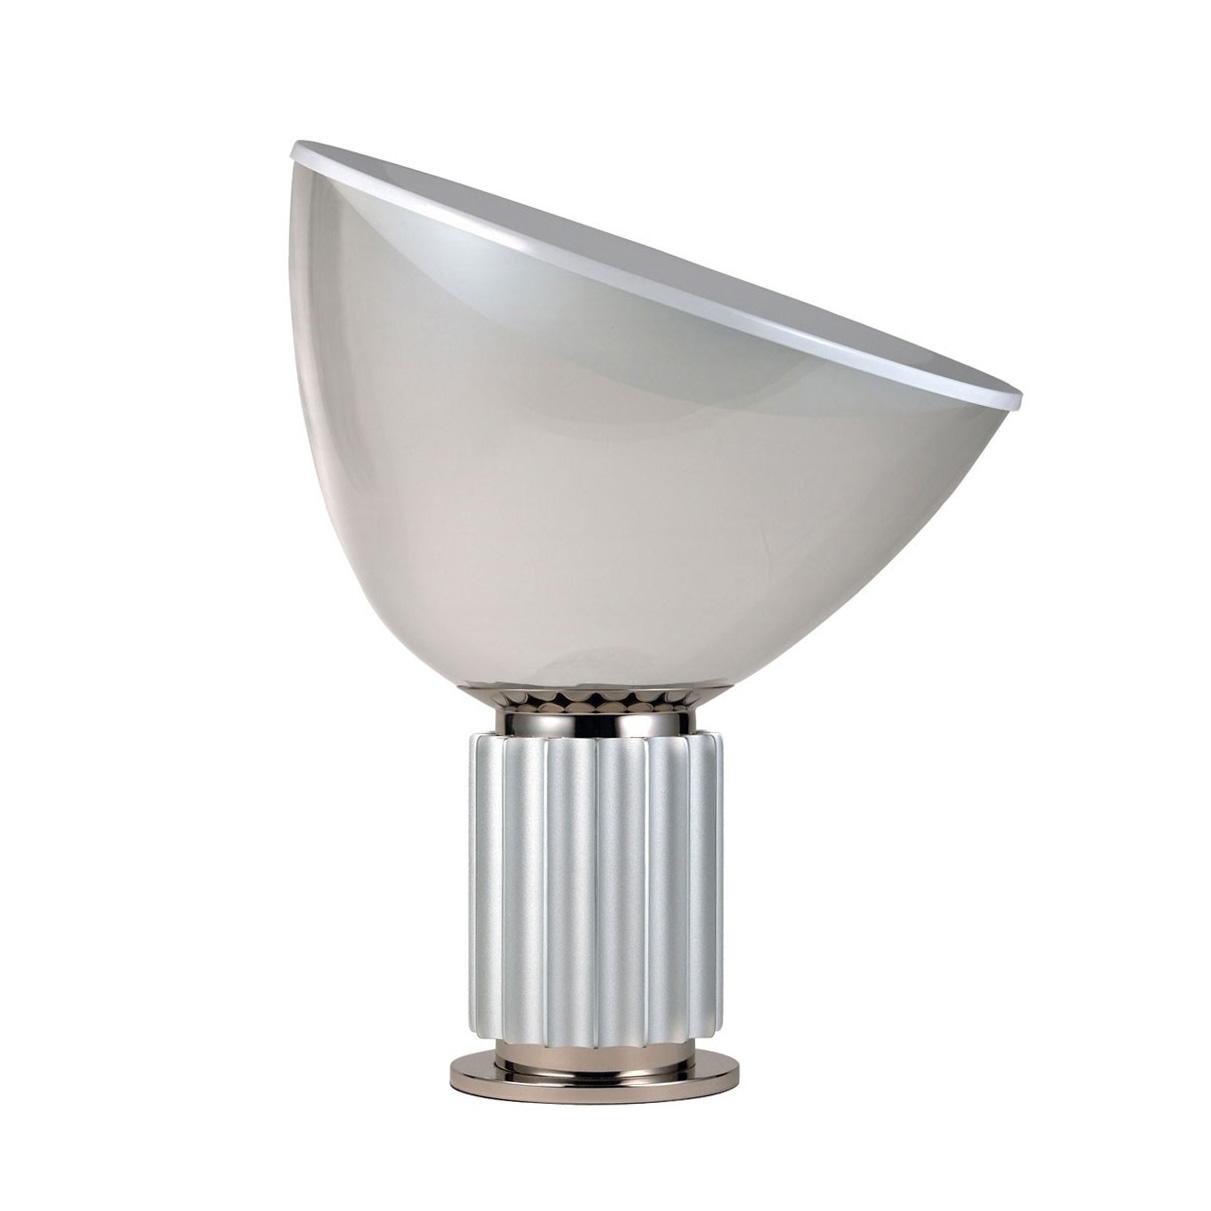 Lamp Buy: Taccia Floorlamp